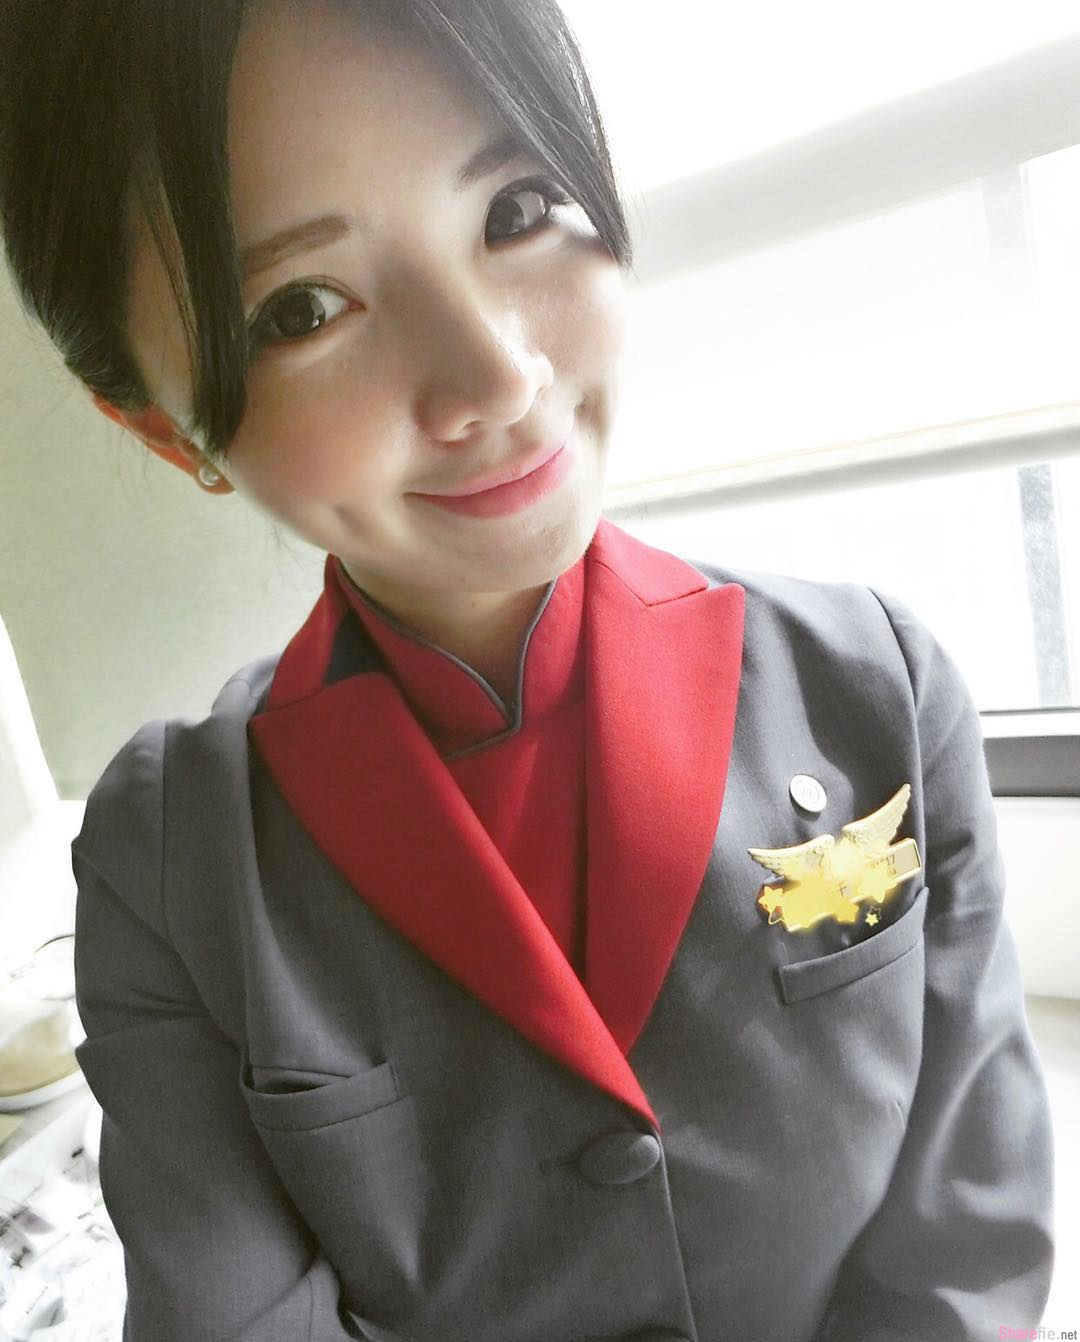 空姐正妹Celiacweng,比基尼狂晒深邃事业线